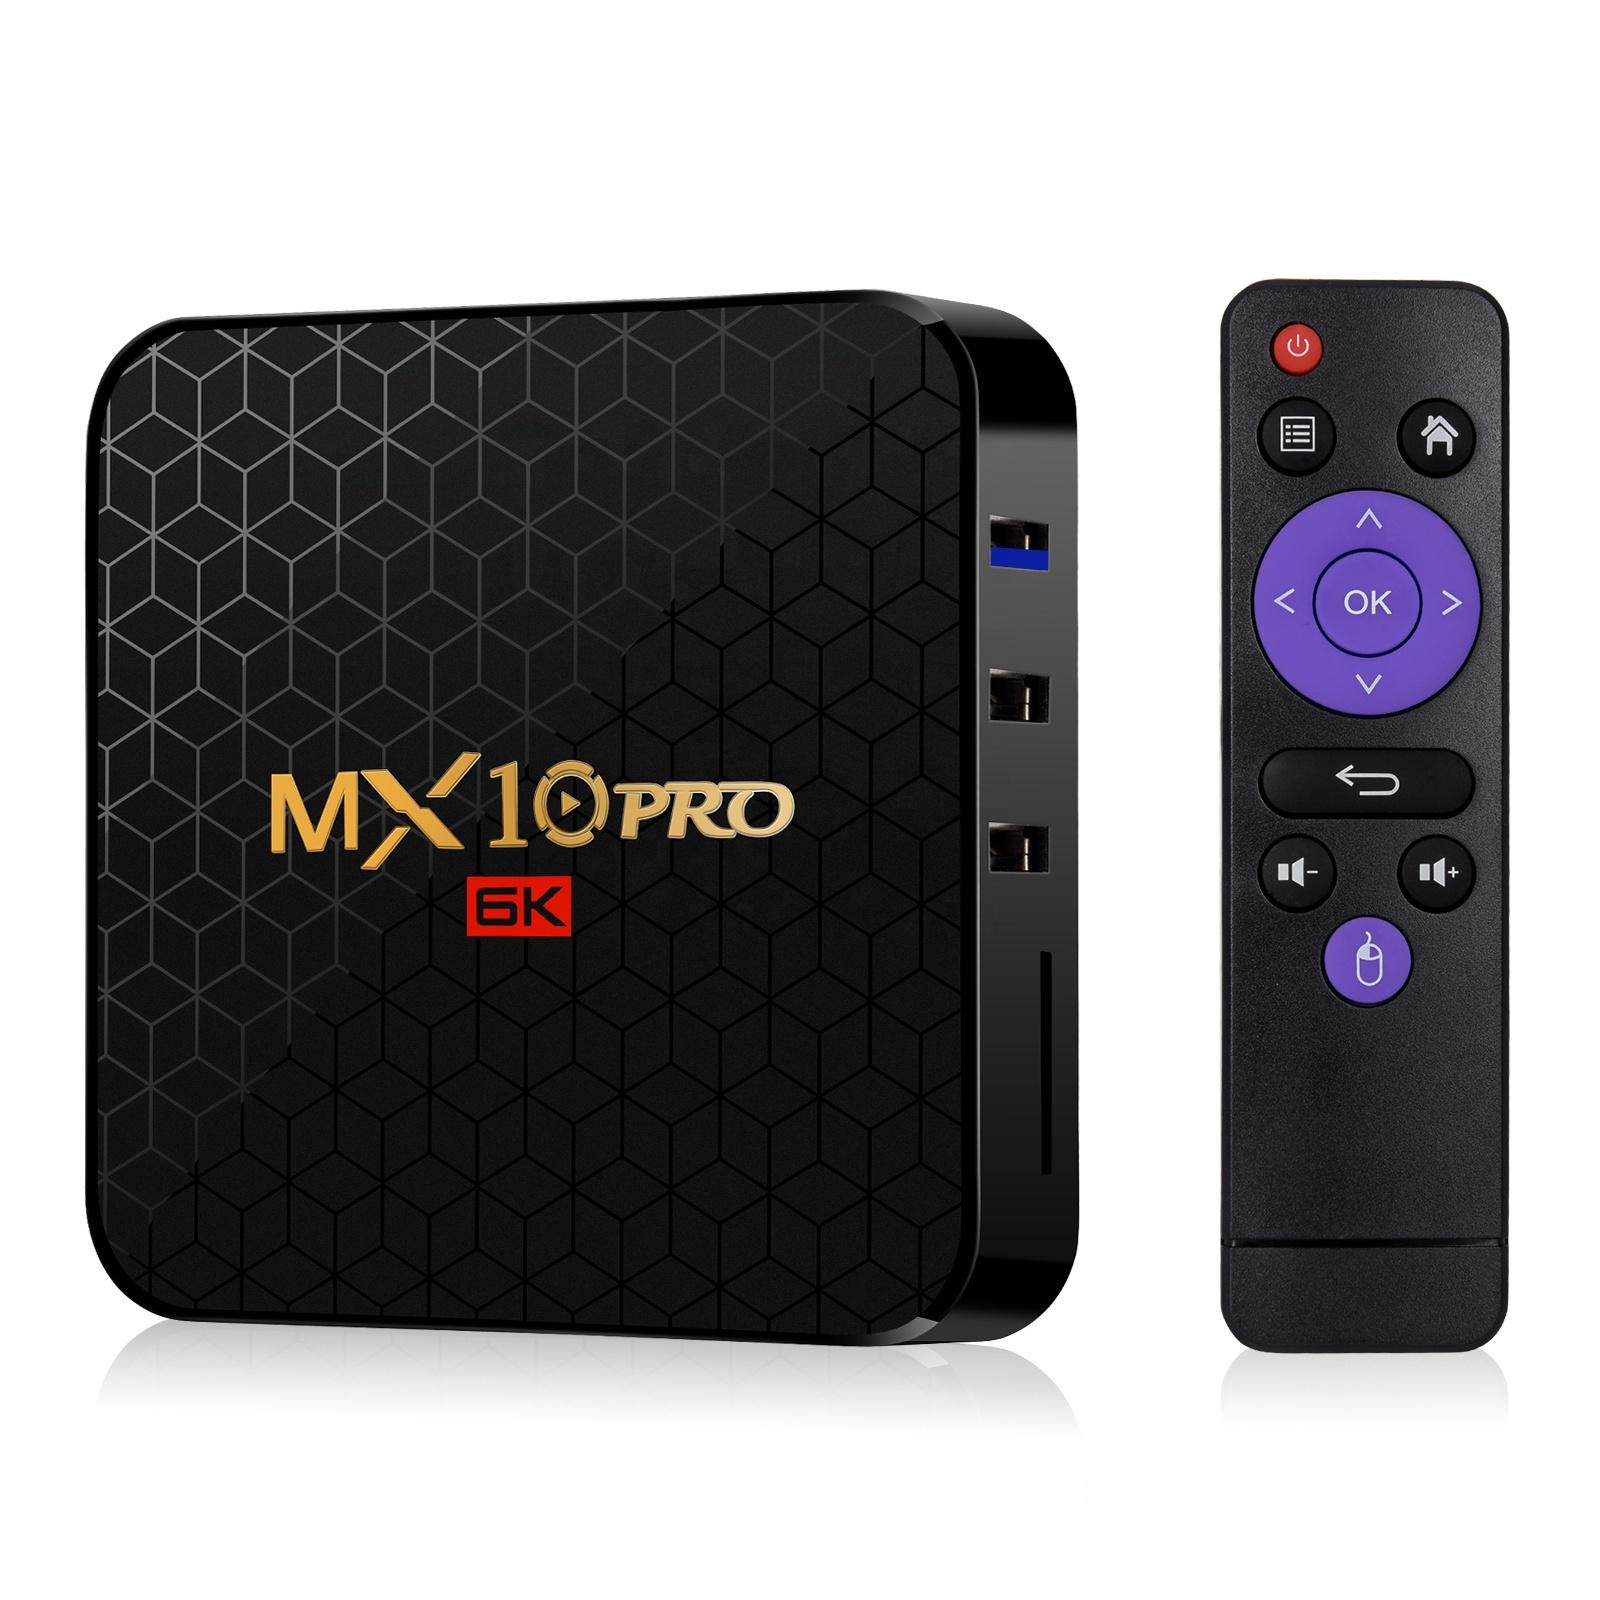 Boîtier décodeur externe TV android 9.0, HD 4K, lecteur, LOGO OEM, MX10 PRO, mini boîte TV